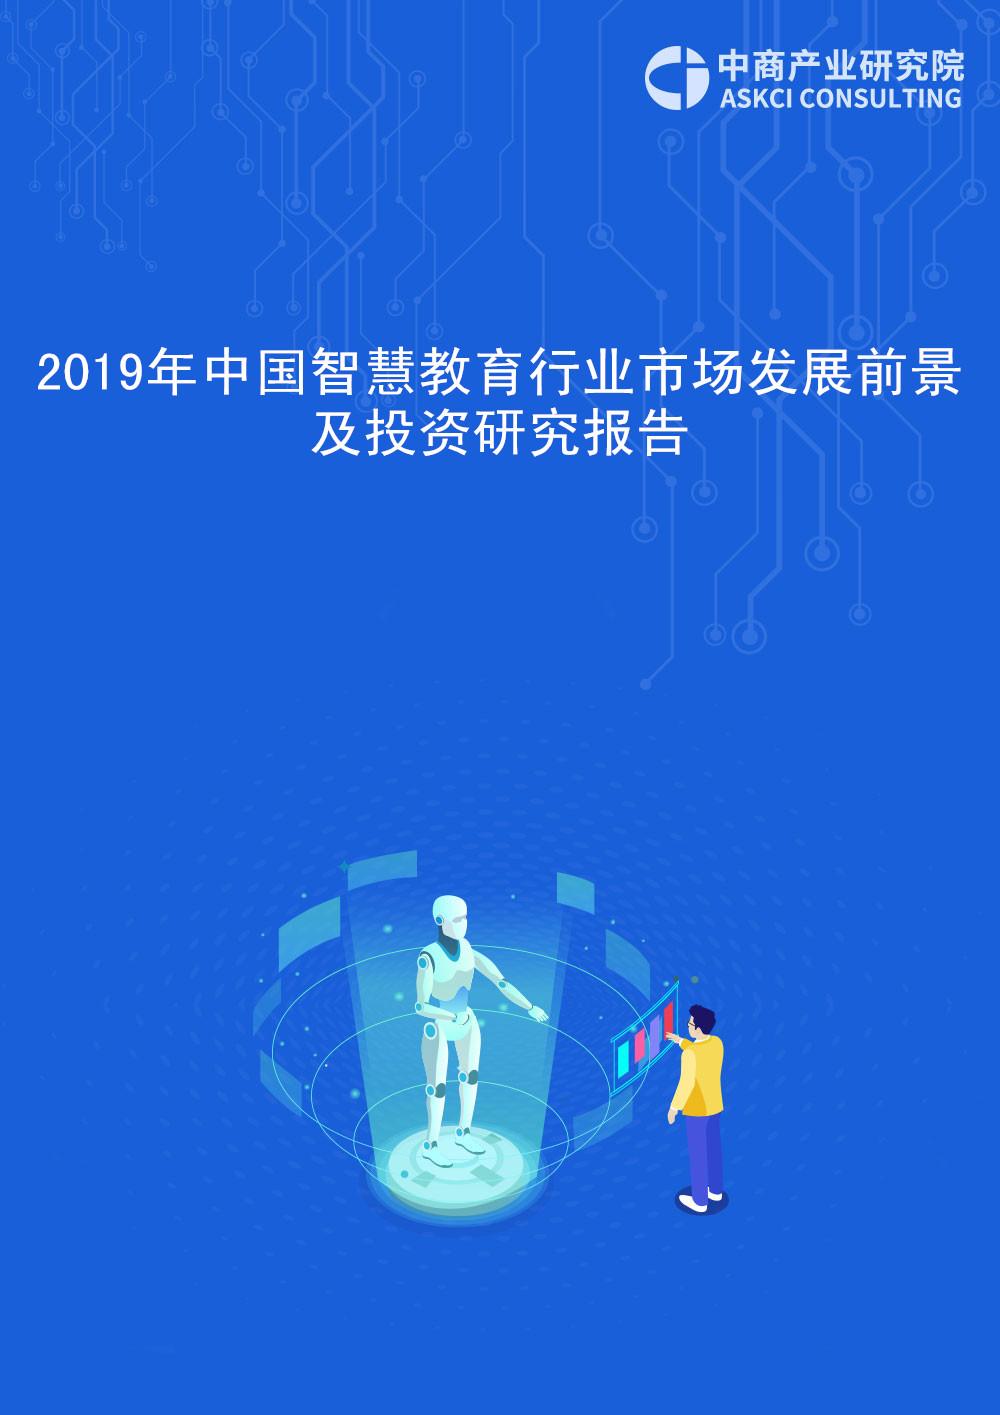 2019年中国智慧教育行业市场发展前景及投资研究报告